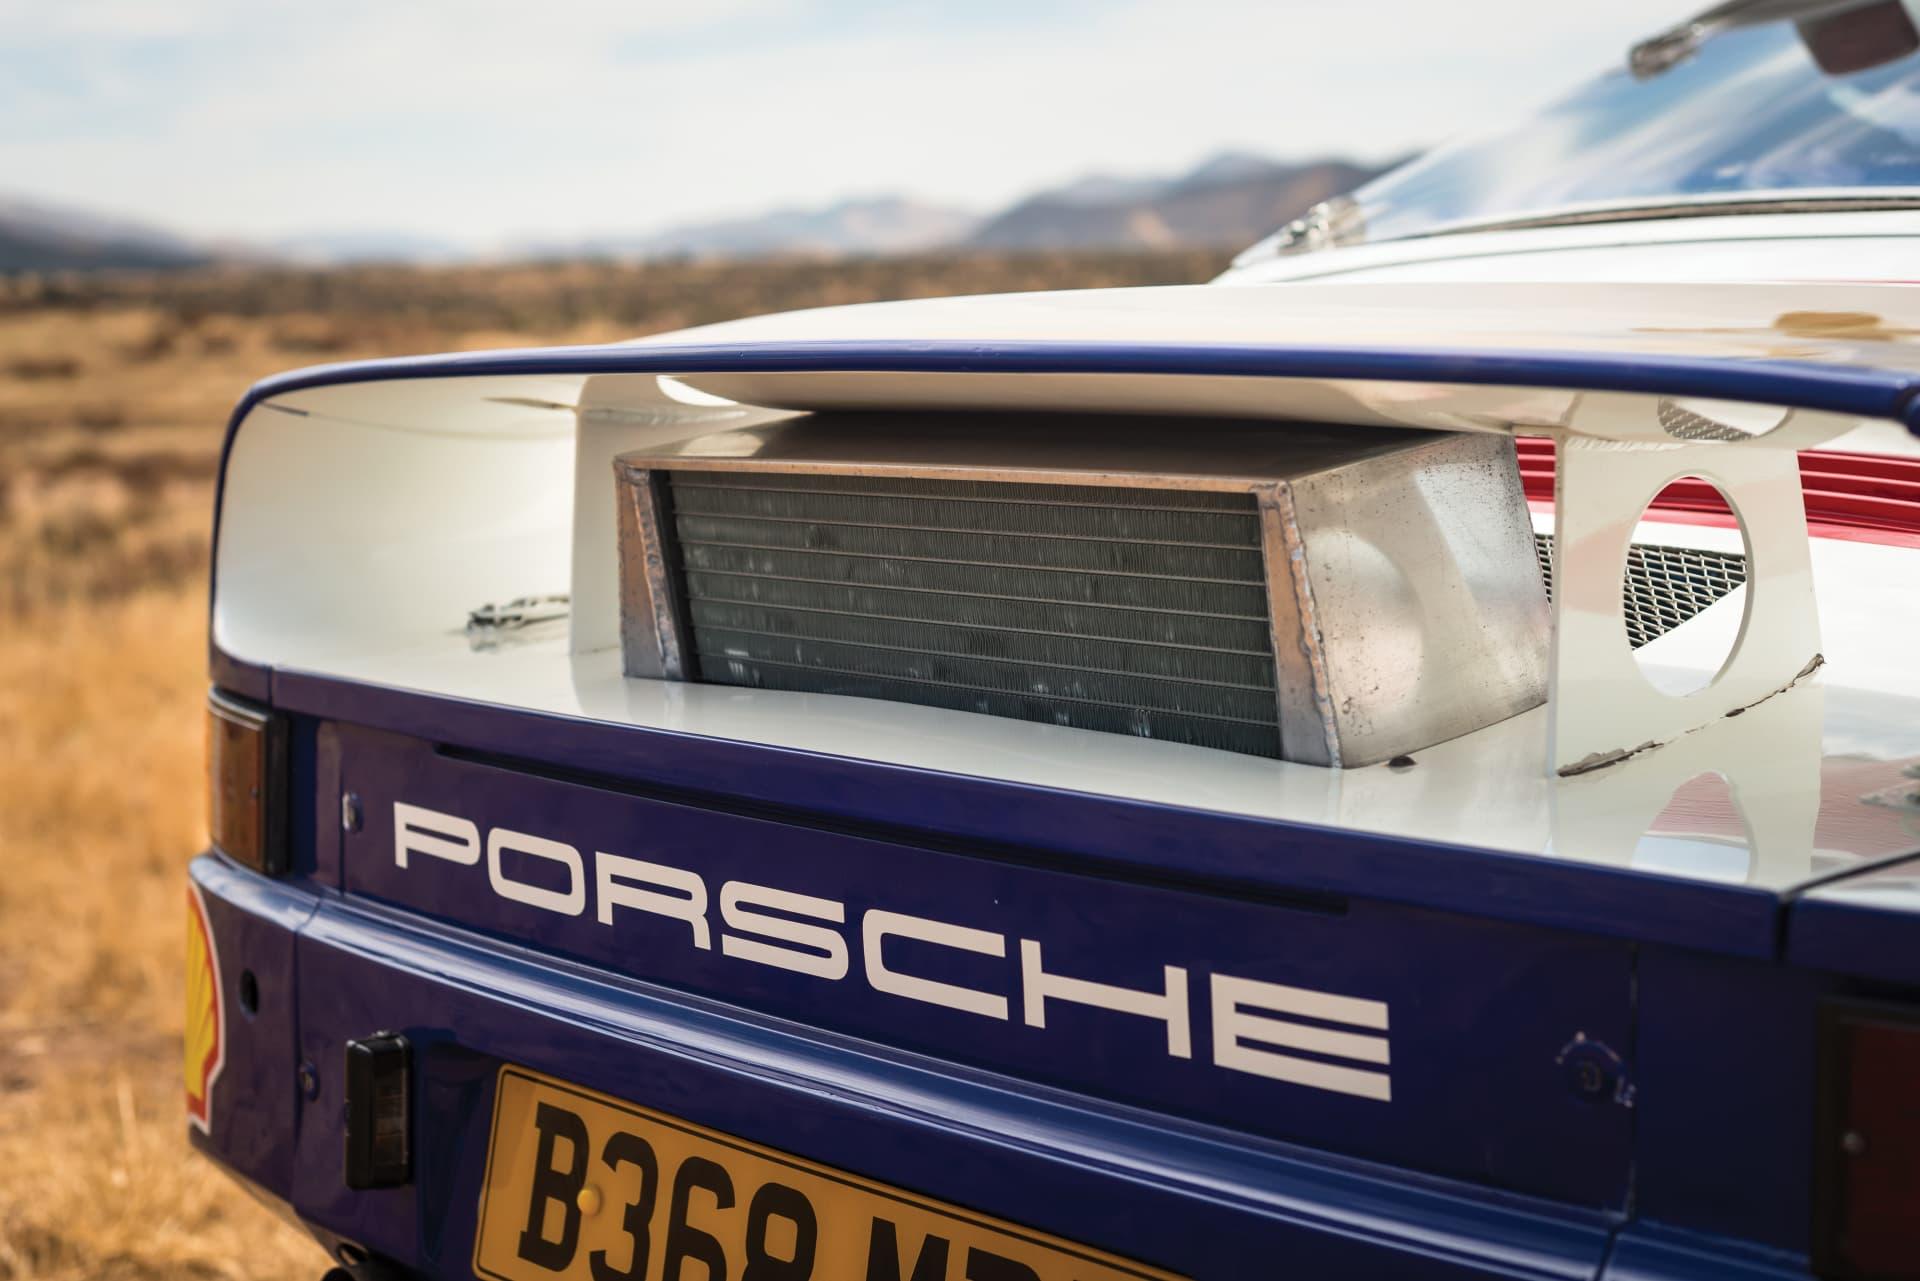 1985 Porsche 959 Paris Dakar 5